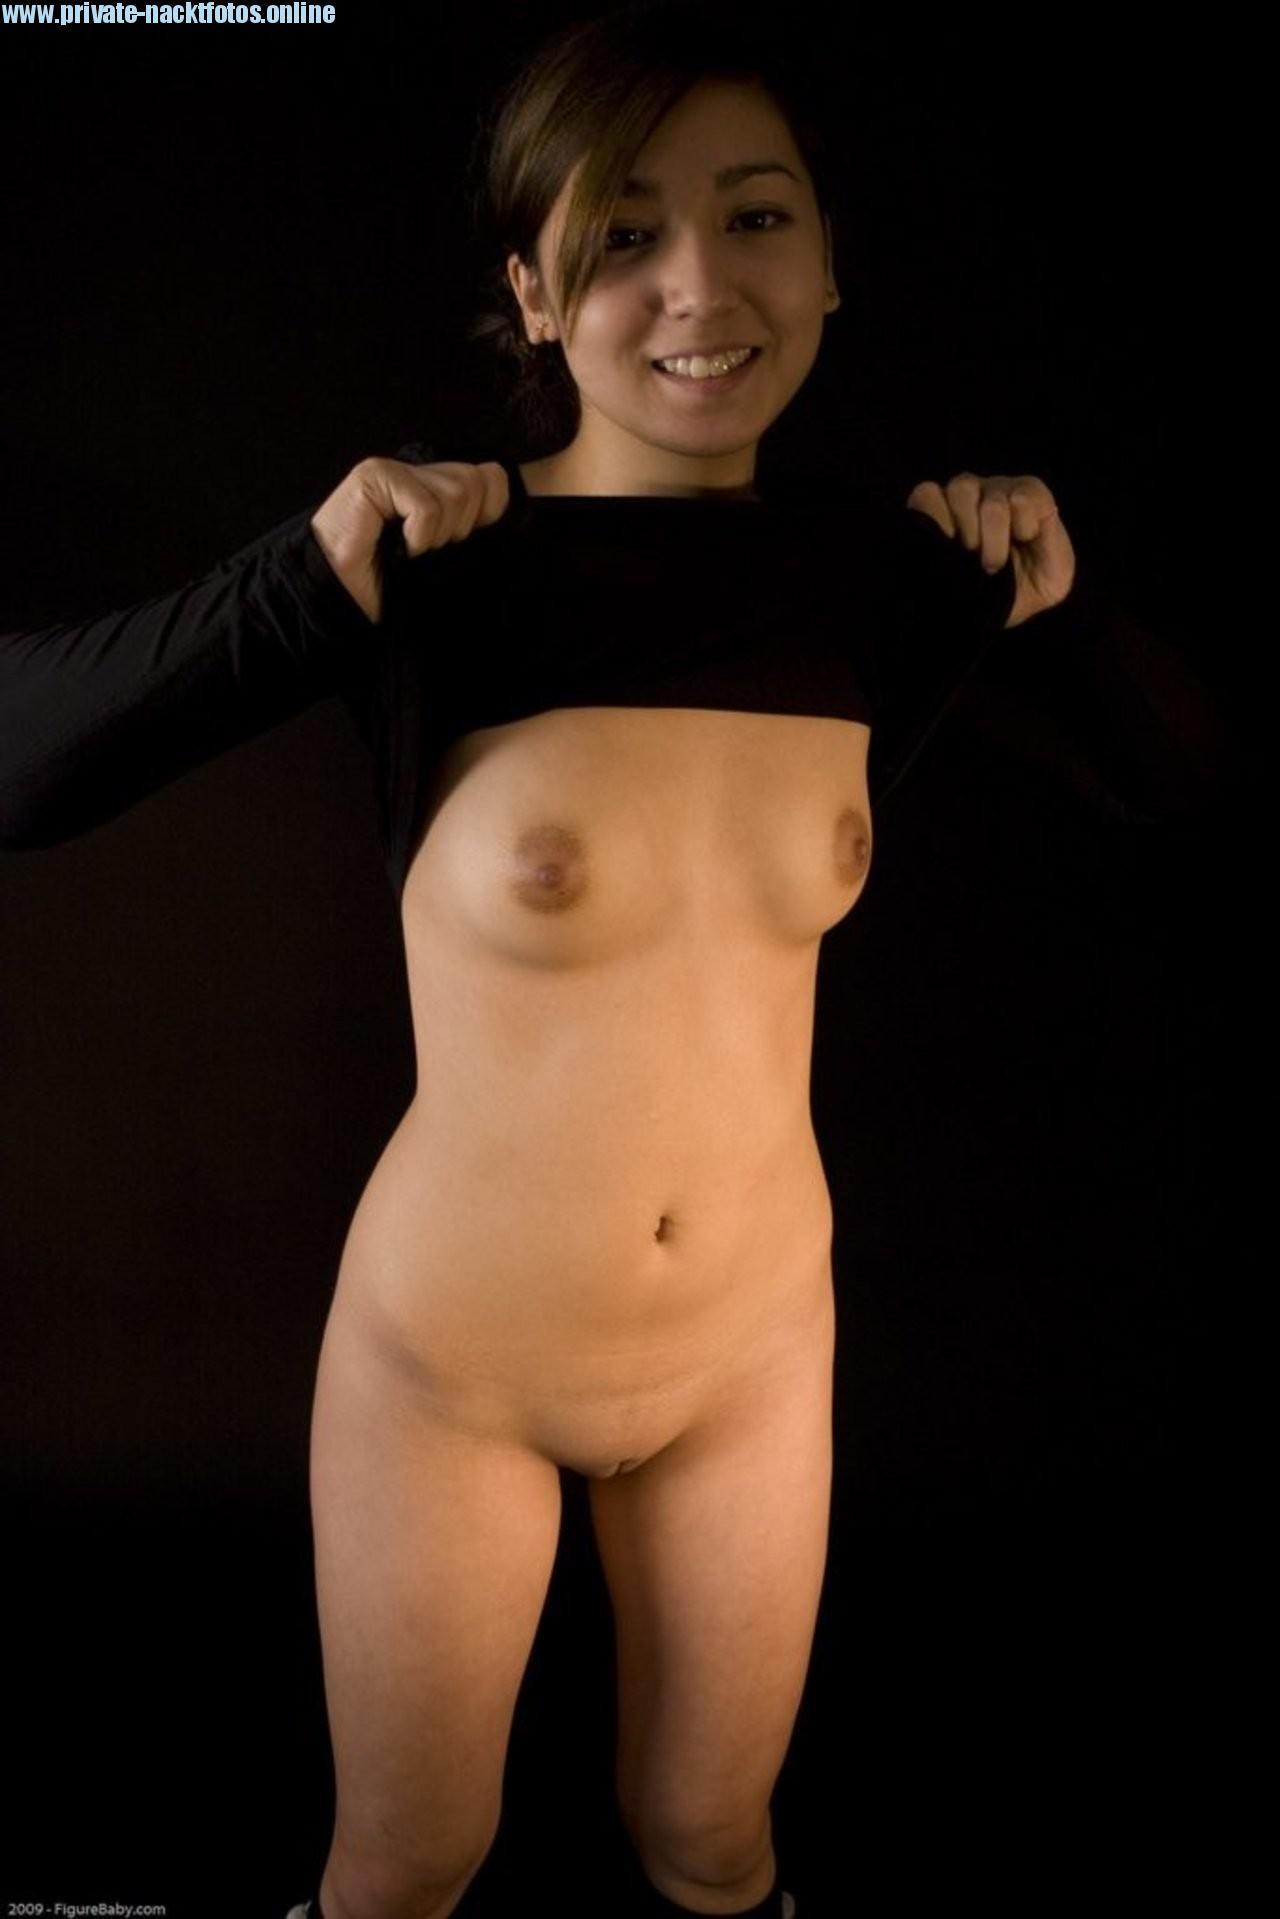 Nackt bilder tenns Steffi Graf